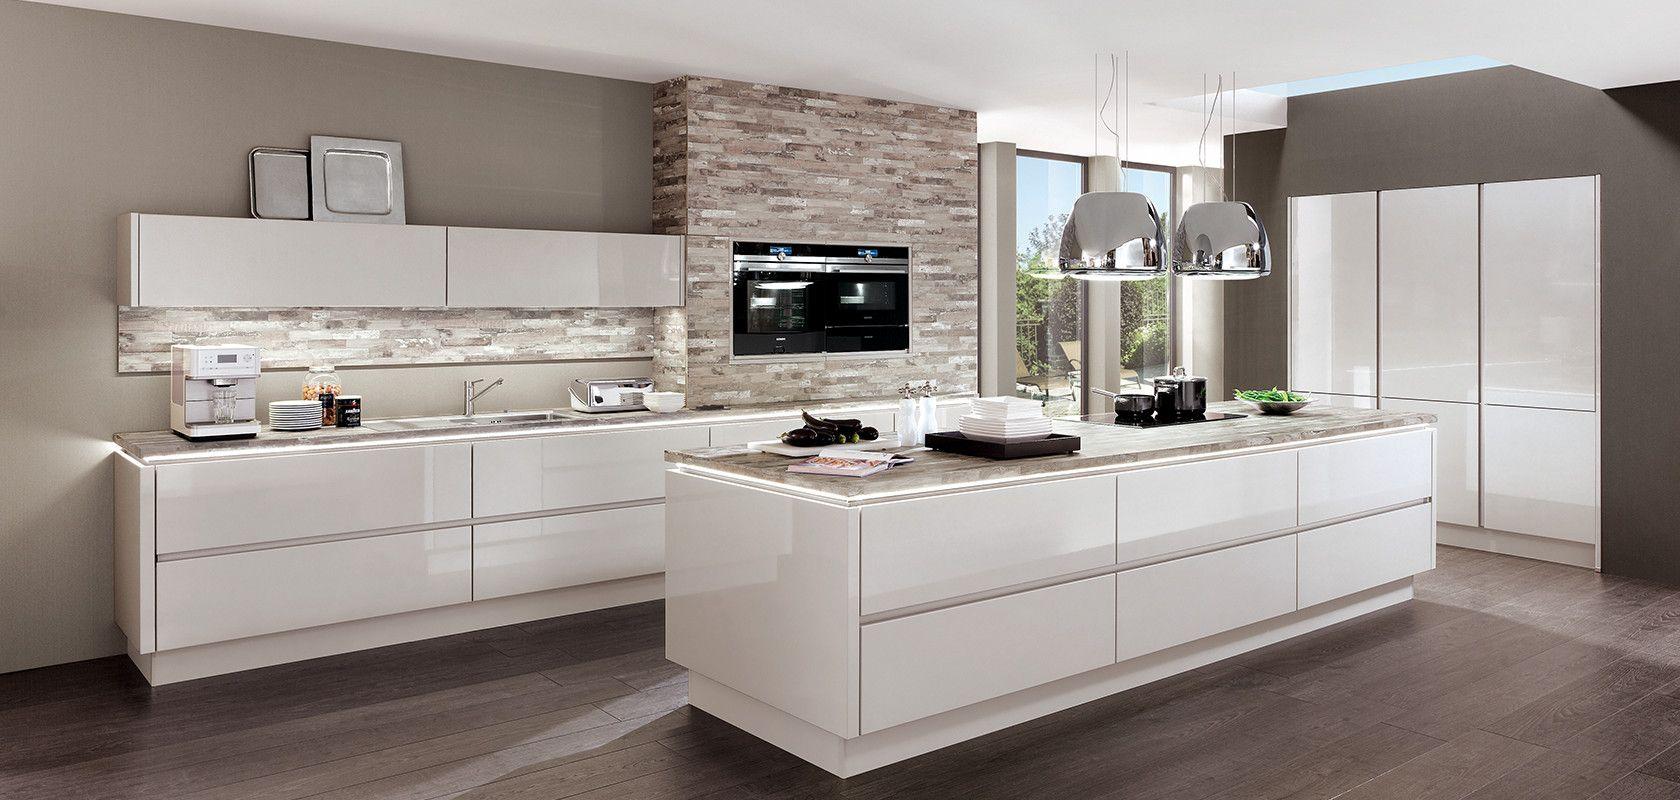 Lux 819 Satin Grey High Gloss Designer Kitchens Line N Handleless Nobilia Kuchen Mit Bildern Kuche Hochglanz Nobilia Kuchen Kuchen Design